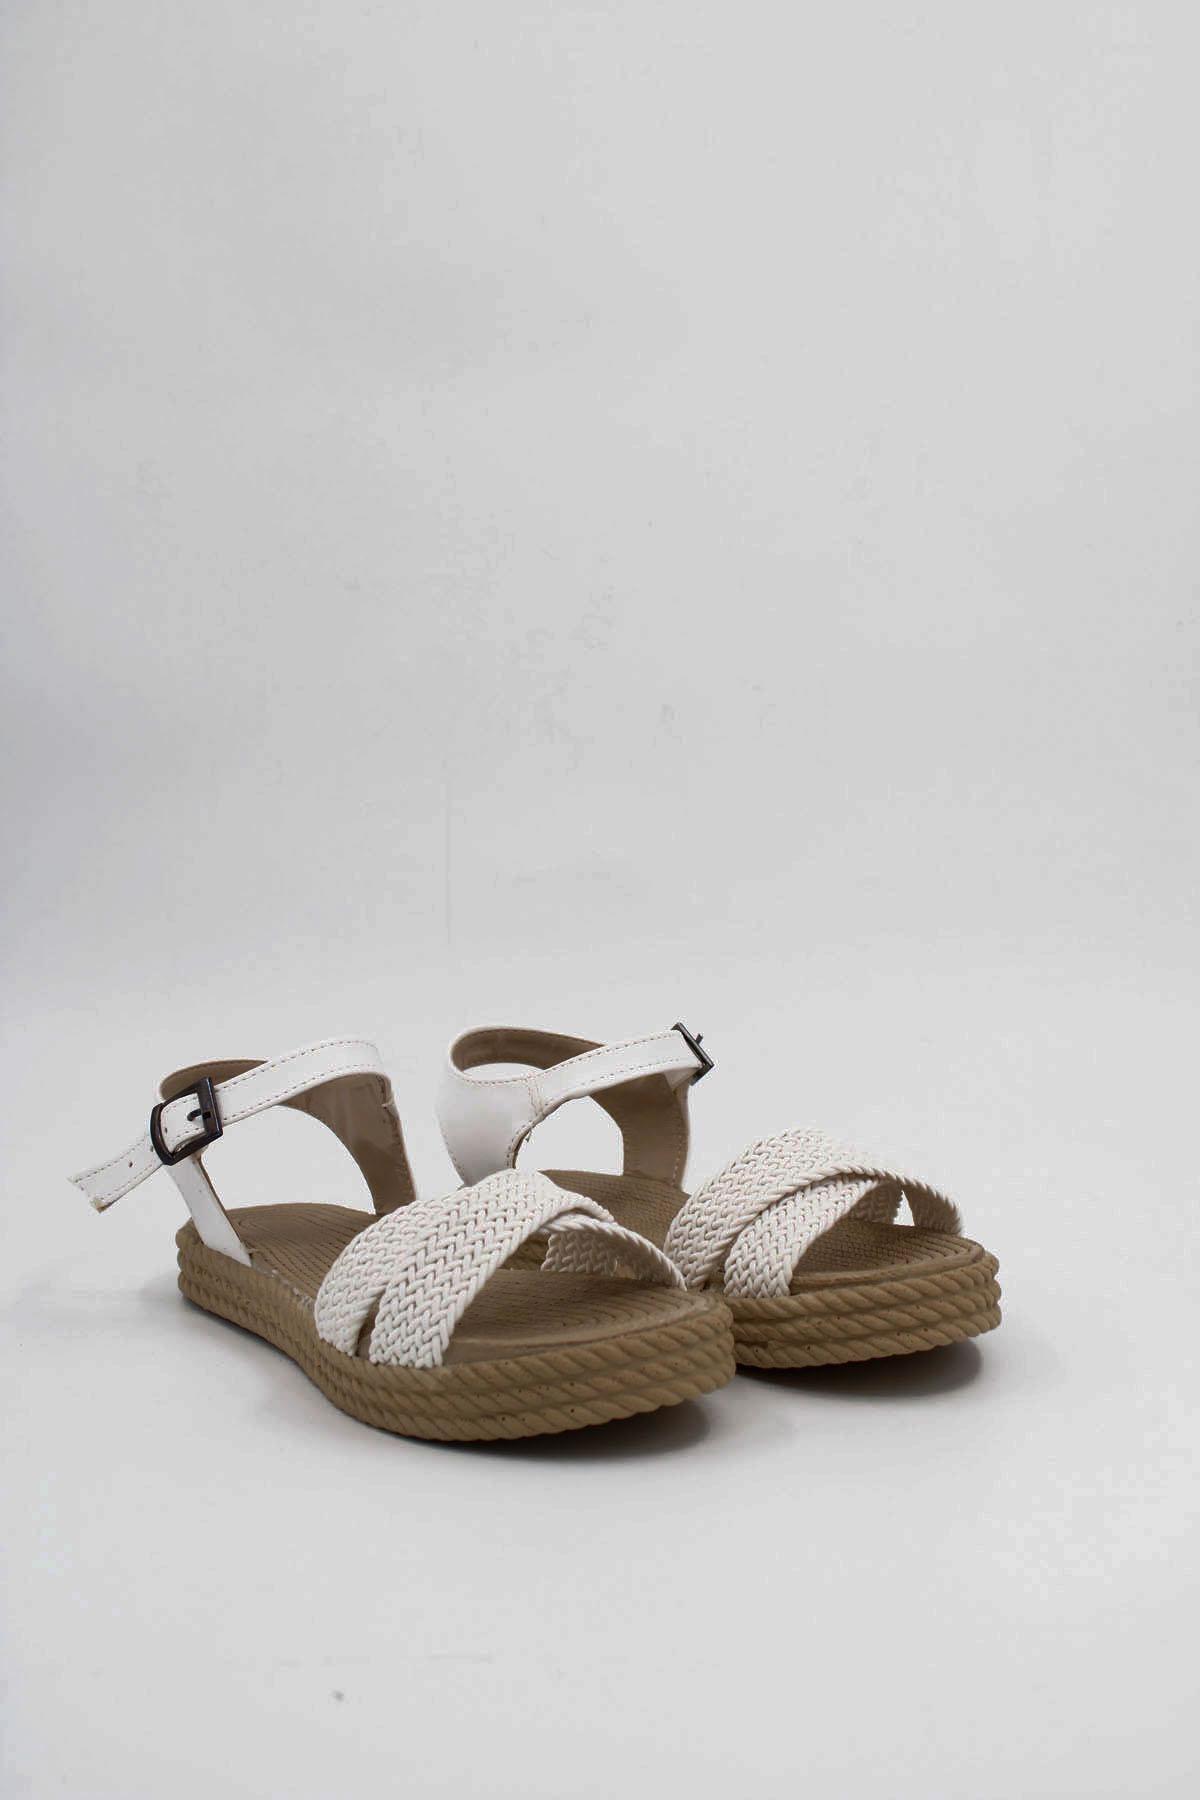 ByErz Erz24-kadın Sandalet 2